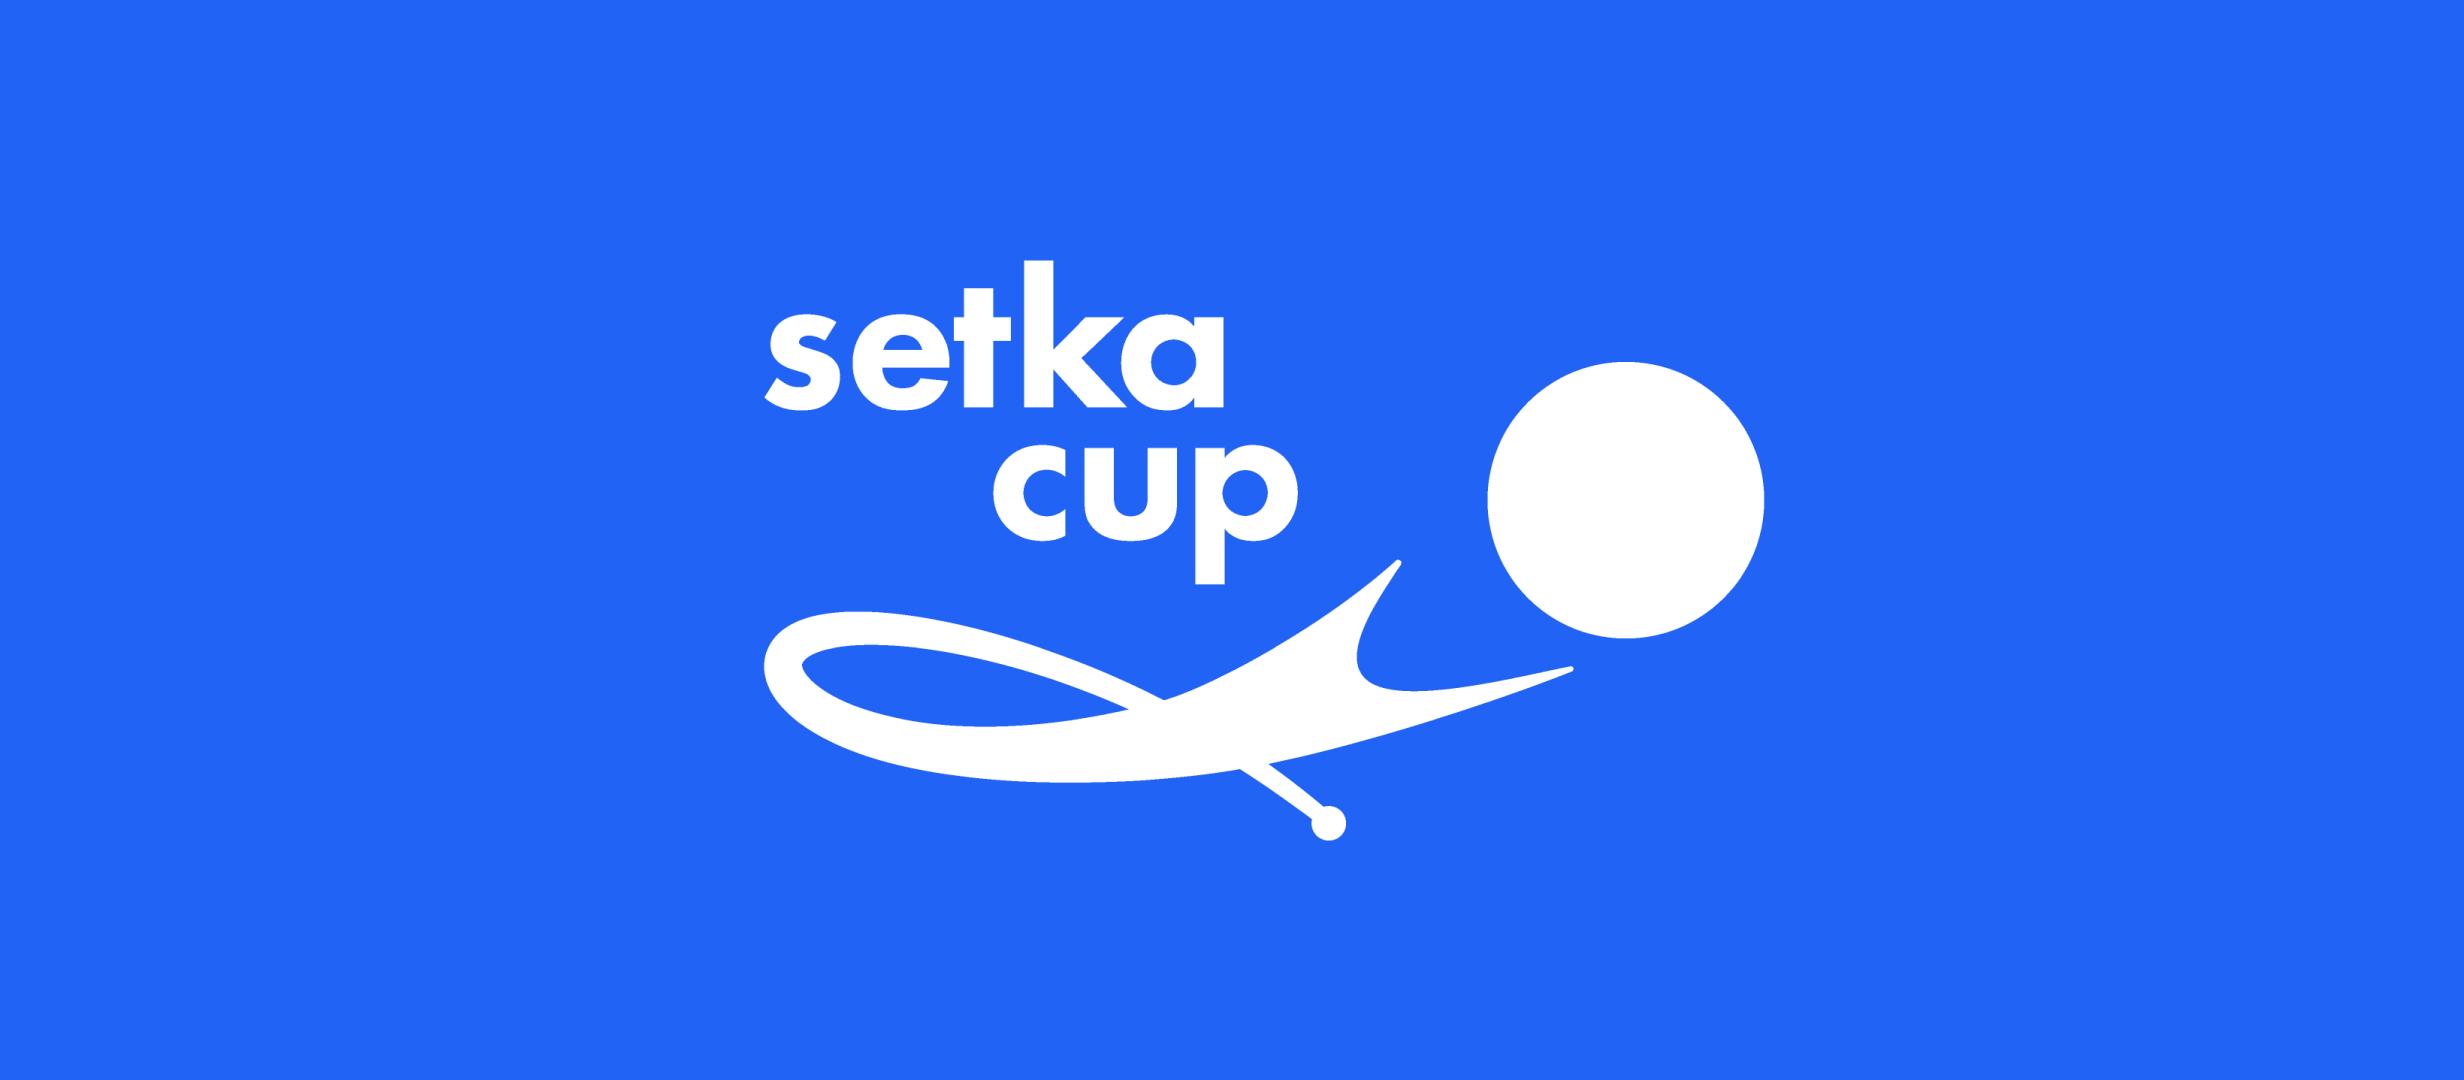 Setka Cup вышла в Европу. CEO компании BETER объясняет перспективы